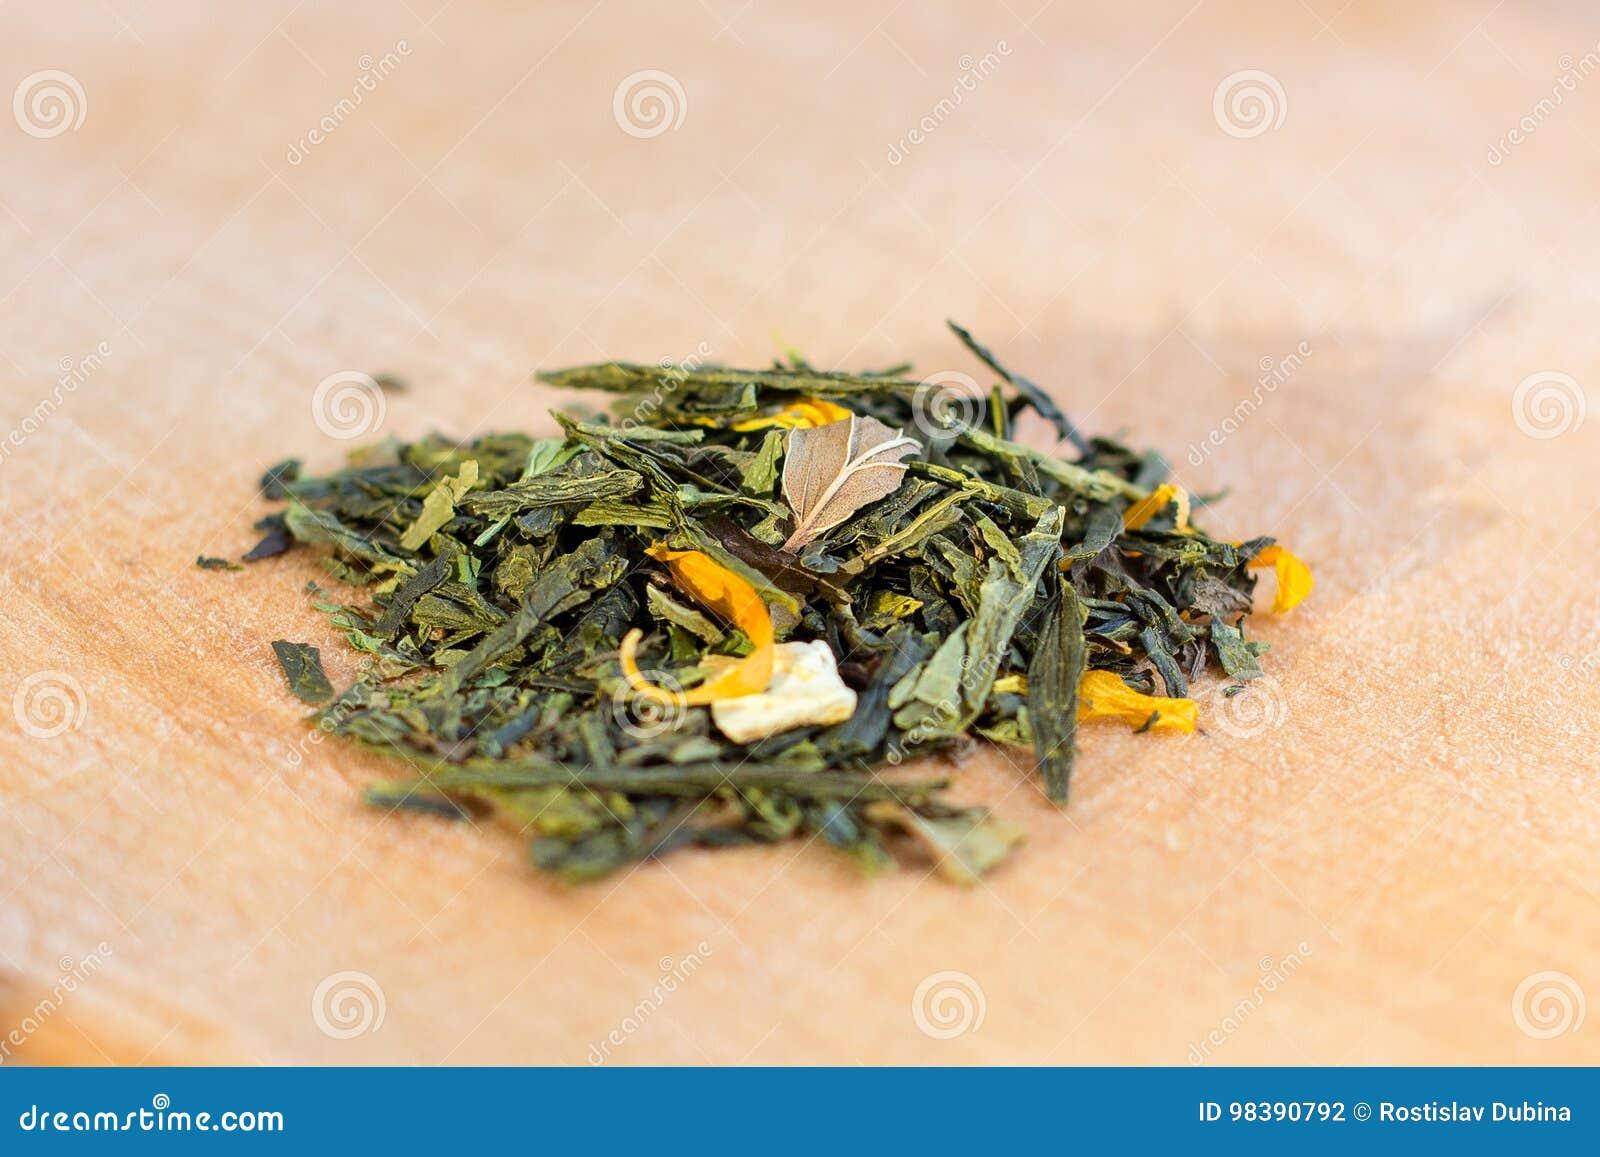 Macro photo de thé La composition du tas de la fleur sèche de ketmie située  sur un conseil en bois Thé naturel vert avec des feuilles des fleurs 39577175b2a